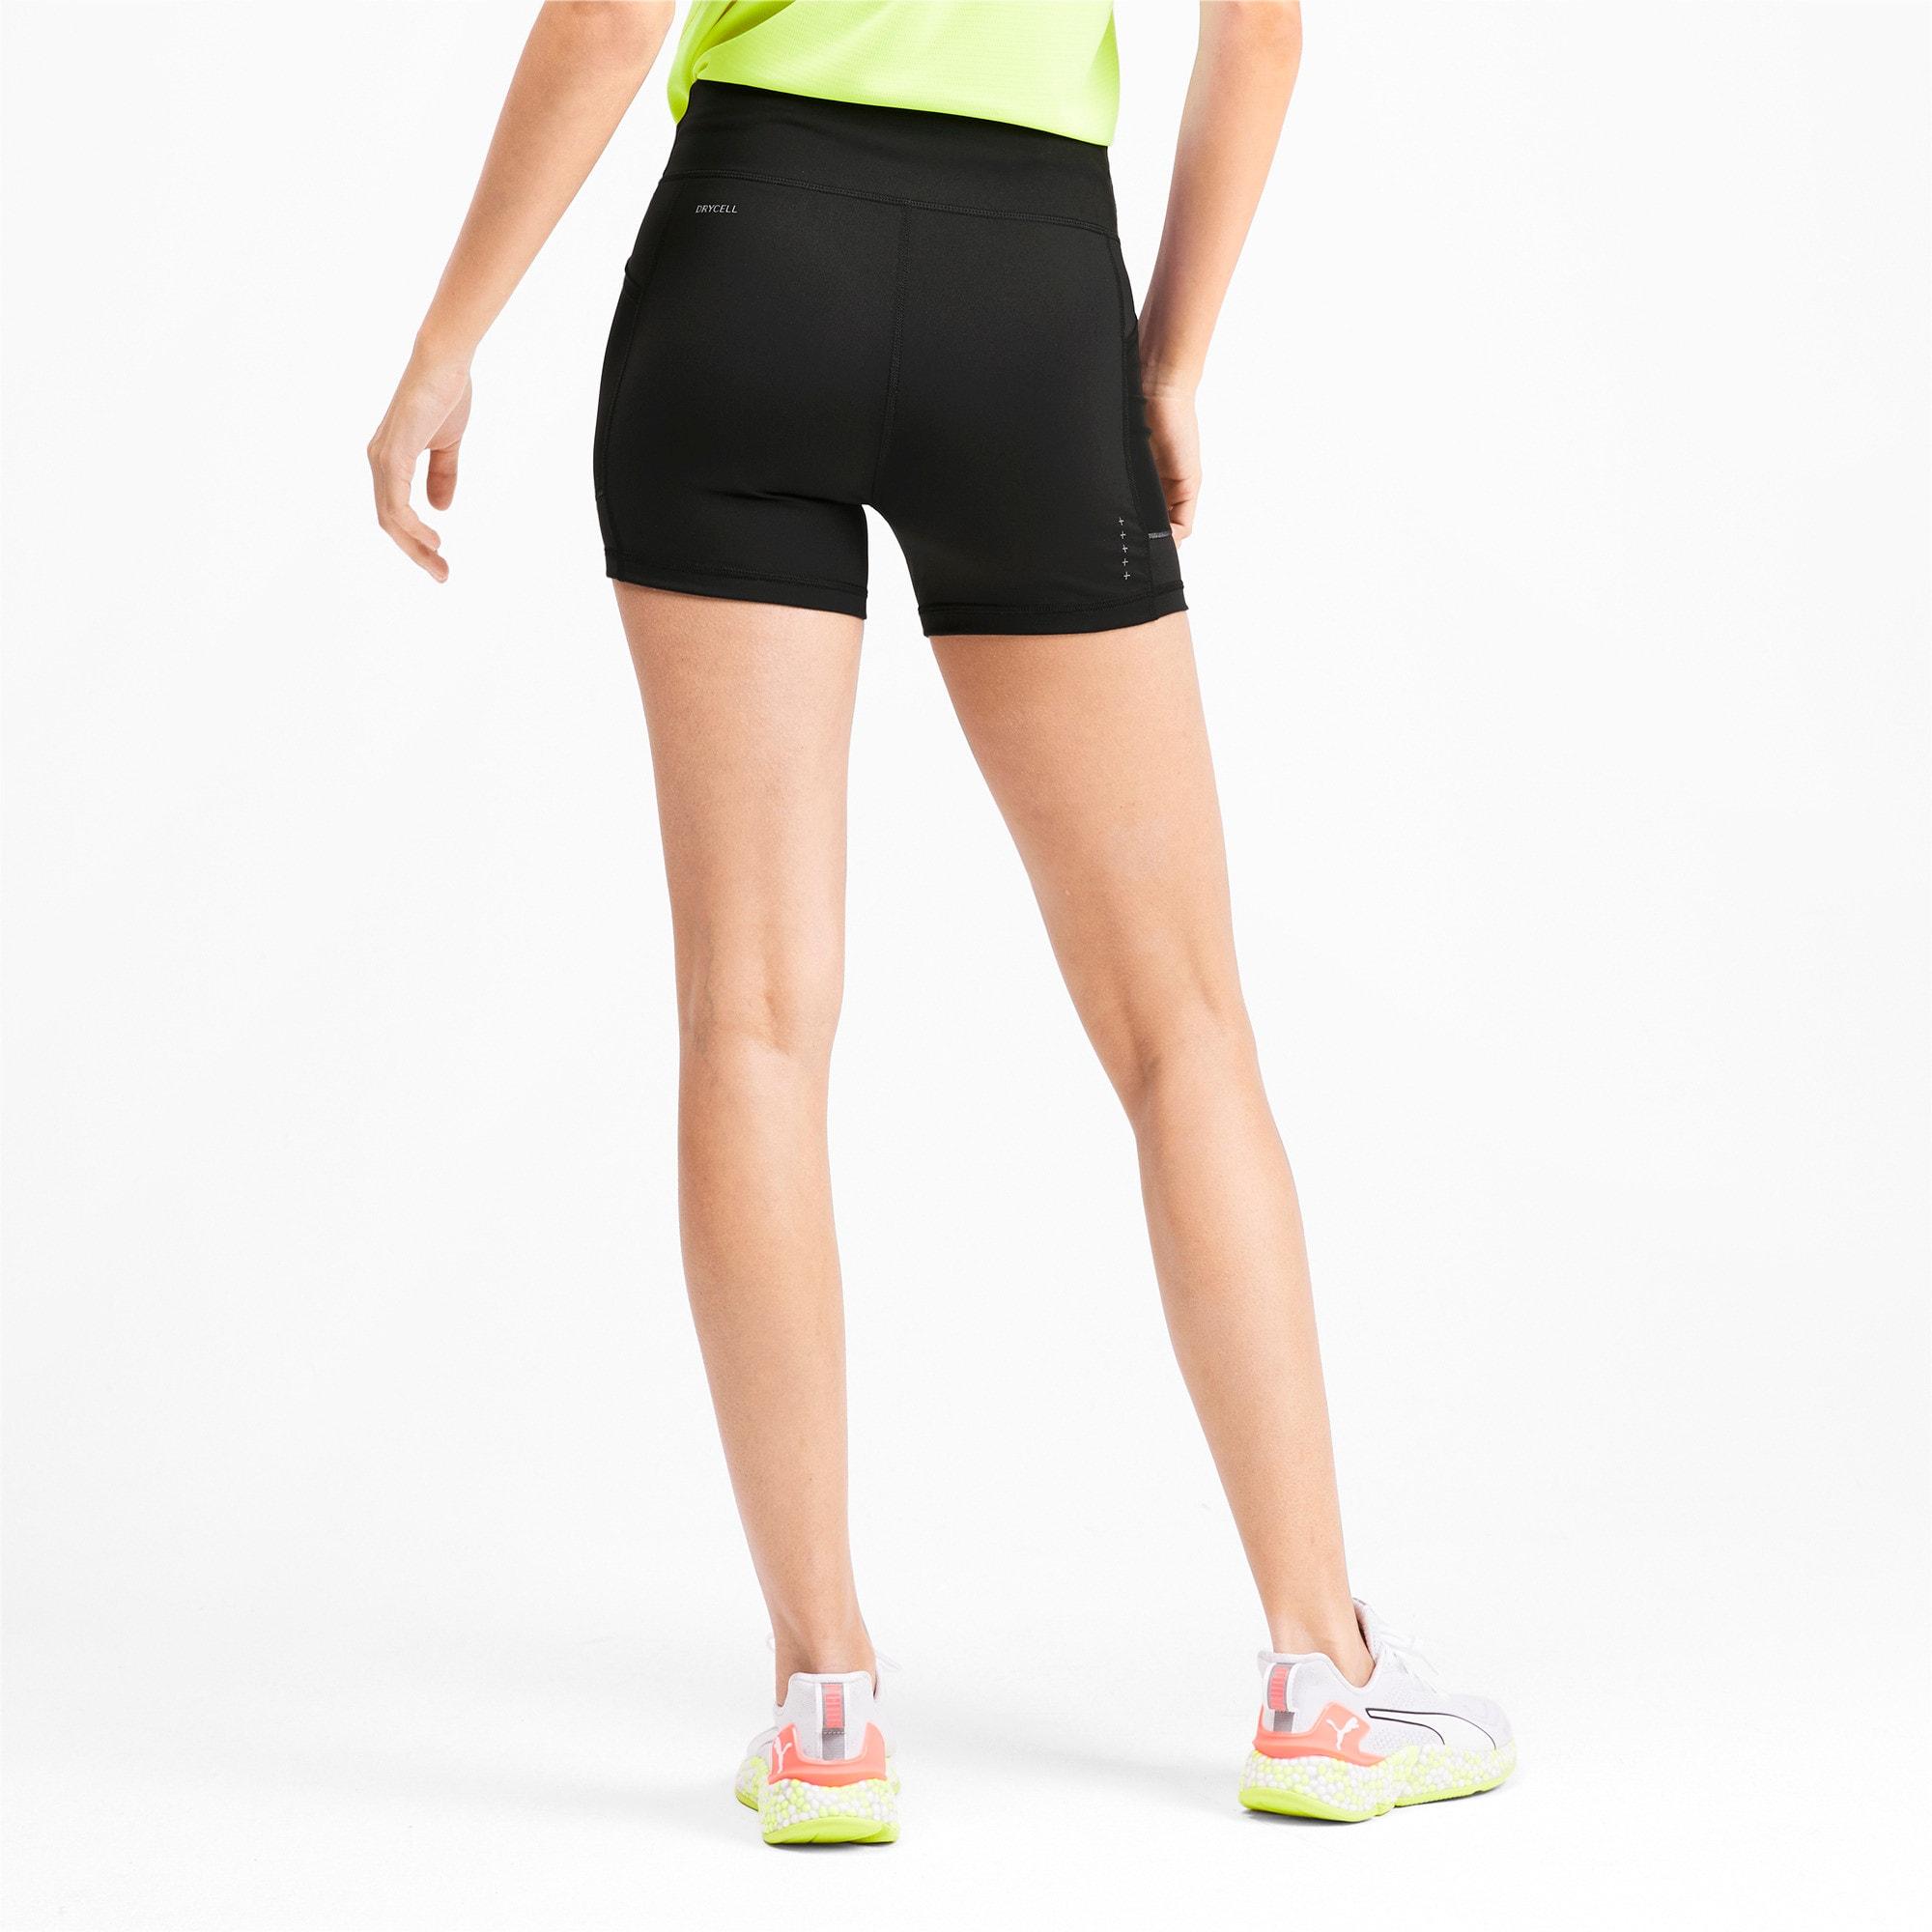 Thumbnail 2 of IGNITE Tight Women's Running Shorts, Puma Black, medium